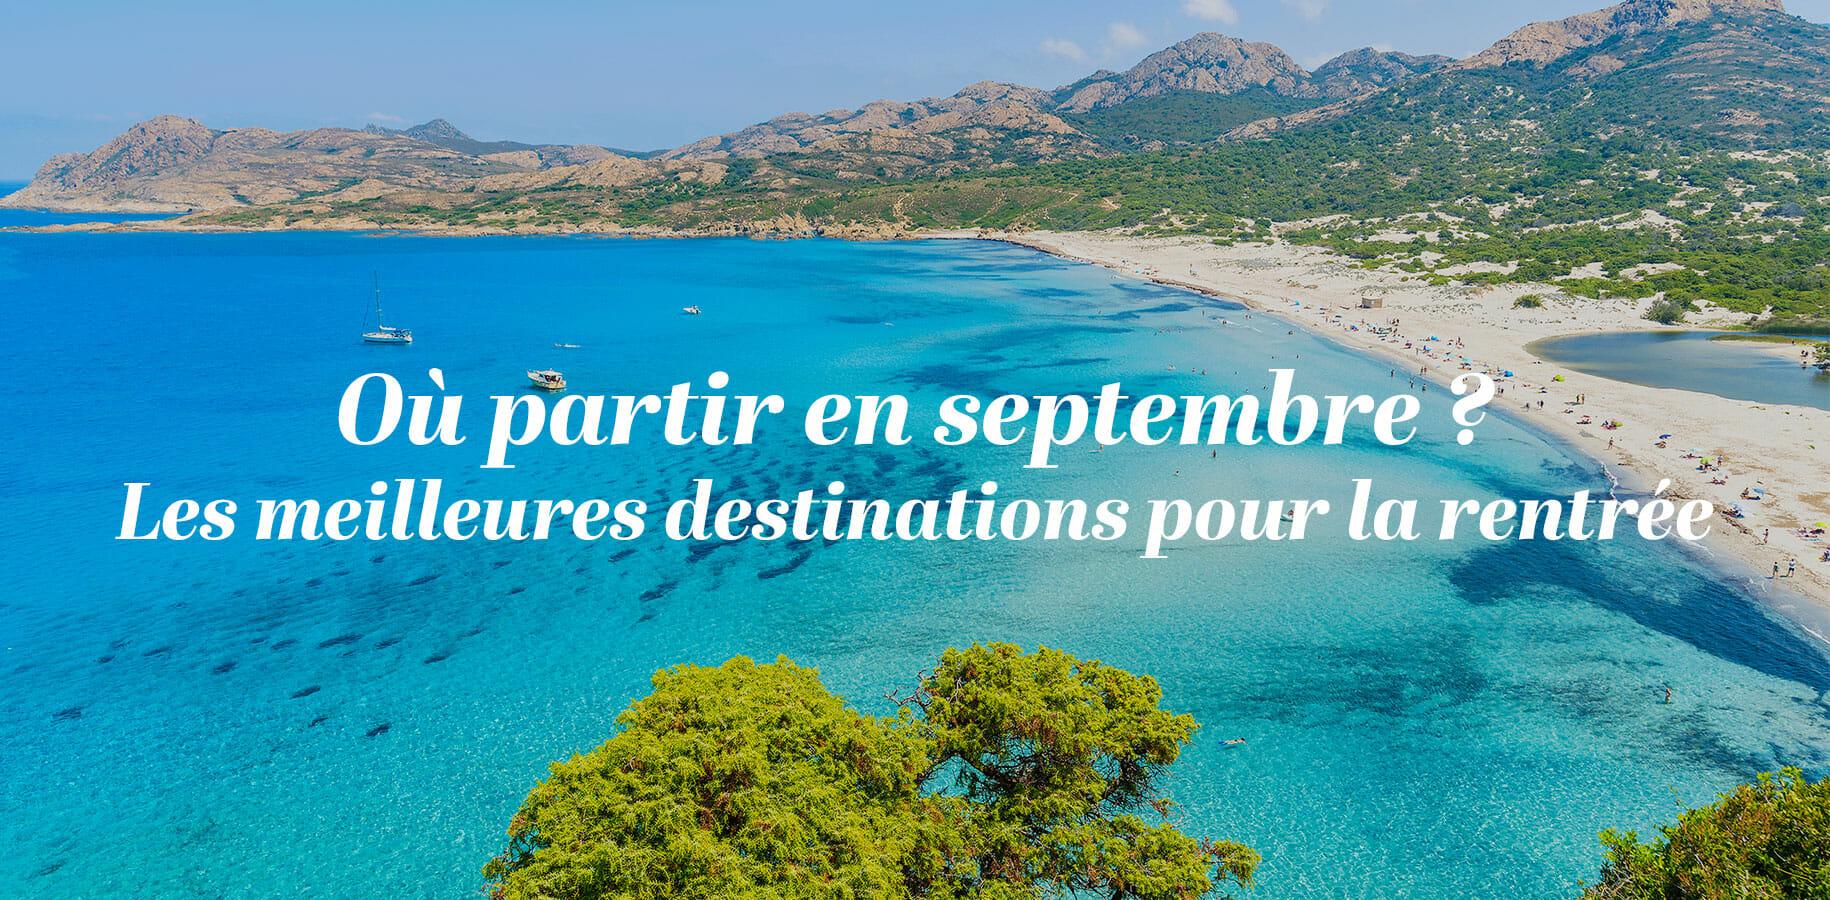 Où partir en septembre : les meilleures destinations pour la rentrée